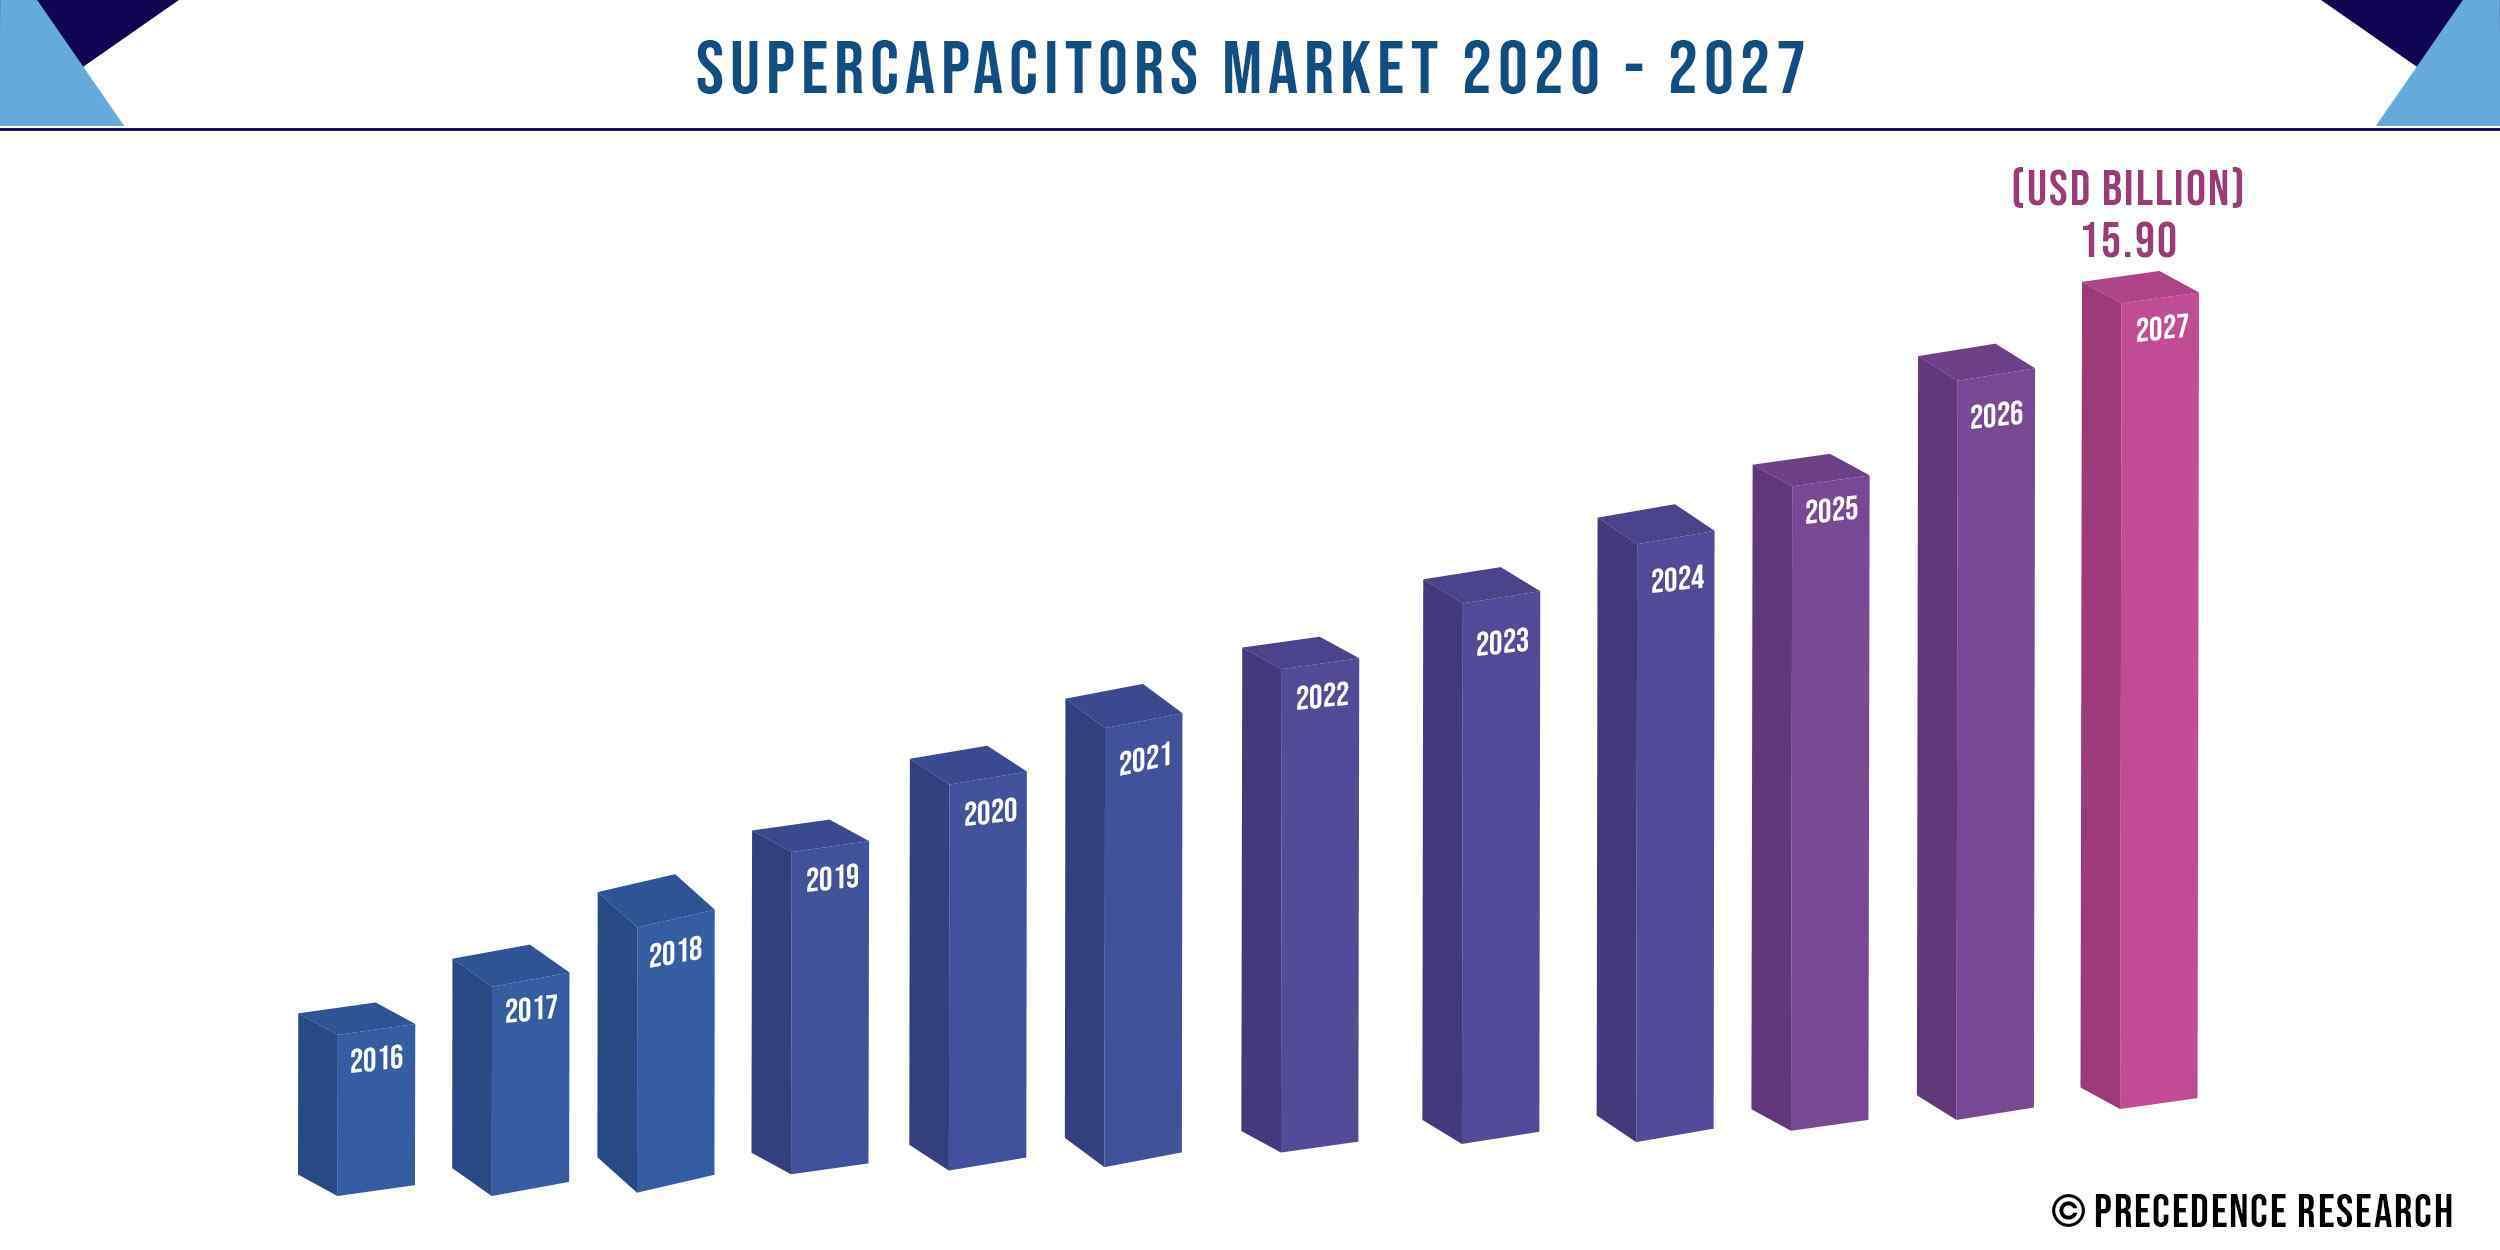 Supercapacitors Market Size 2016-2027